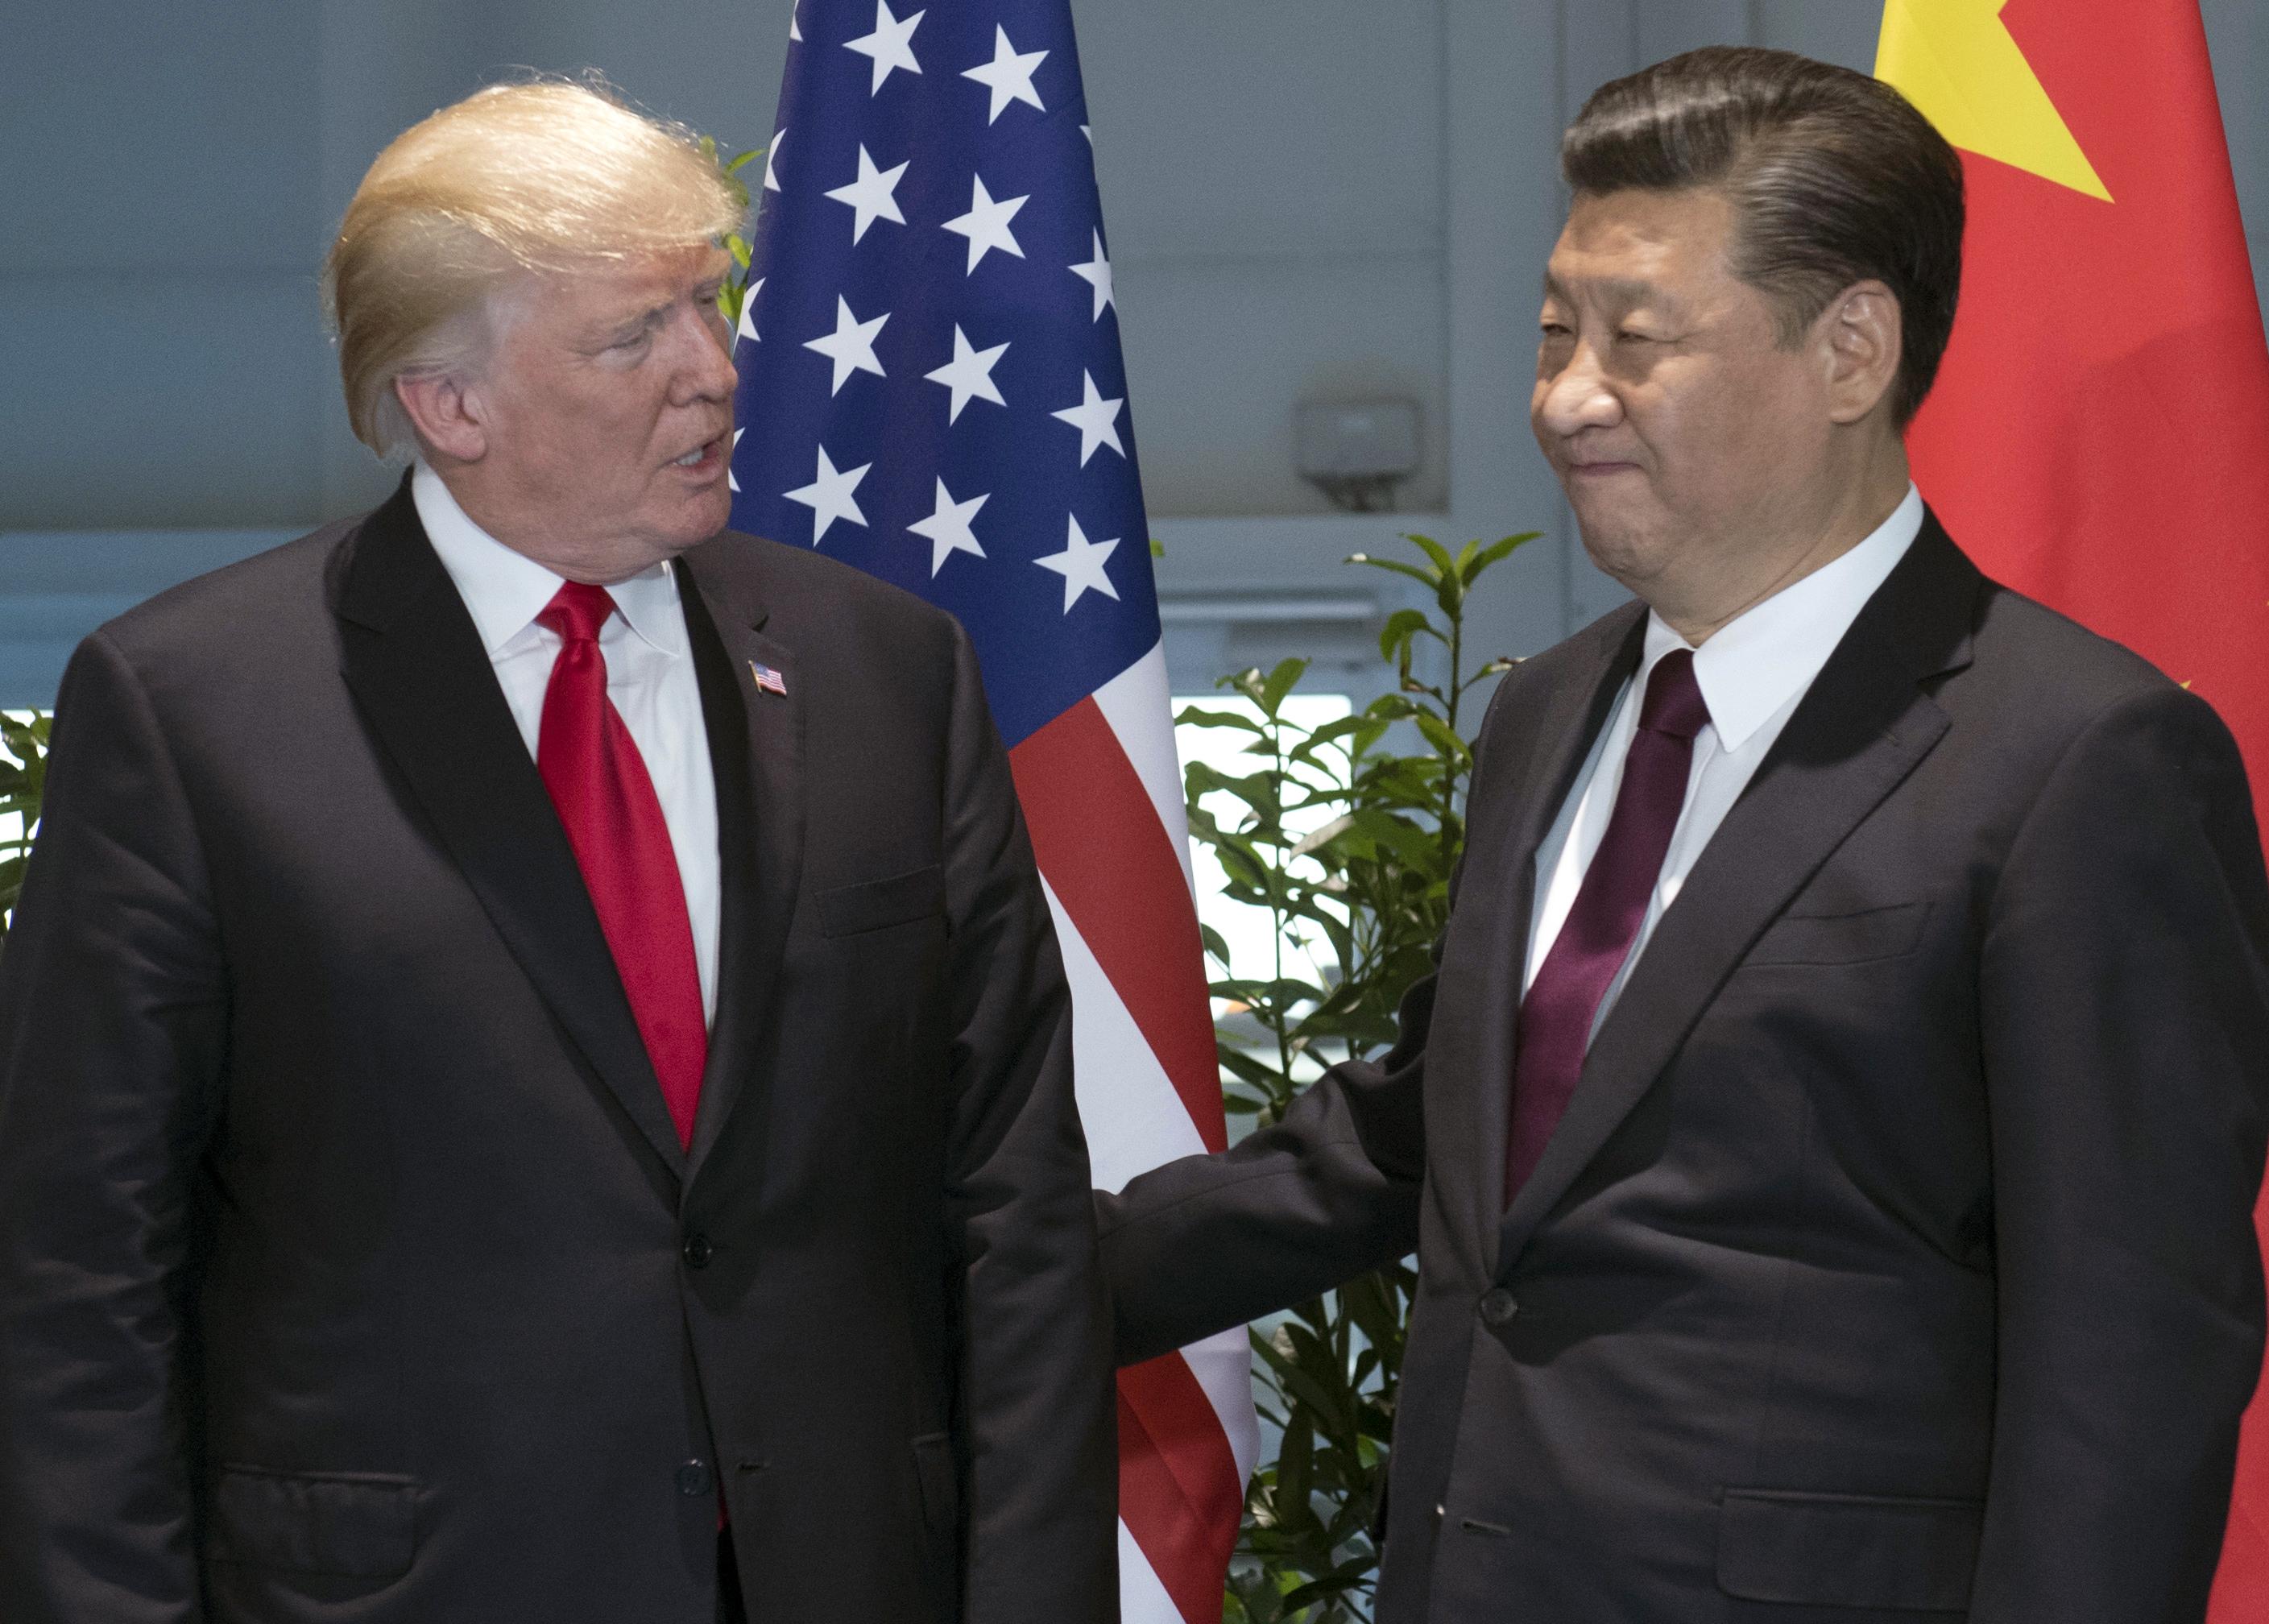 美国总统特朗普(左)和中国国家主席习近平在一起。(美联社)